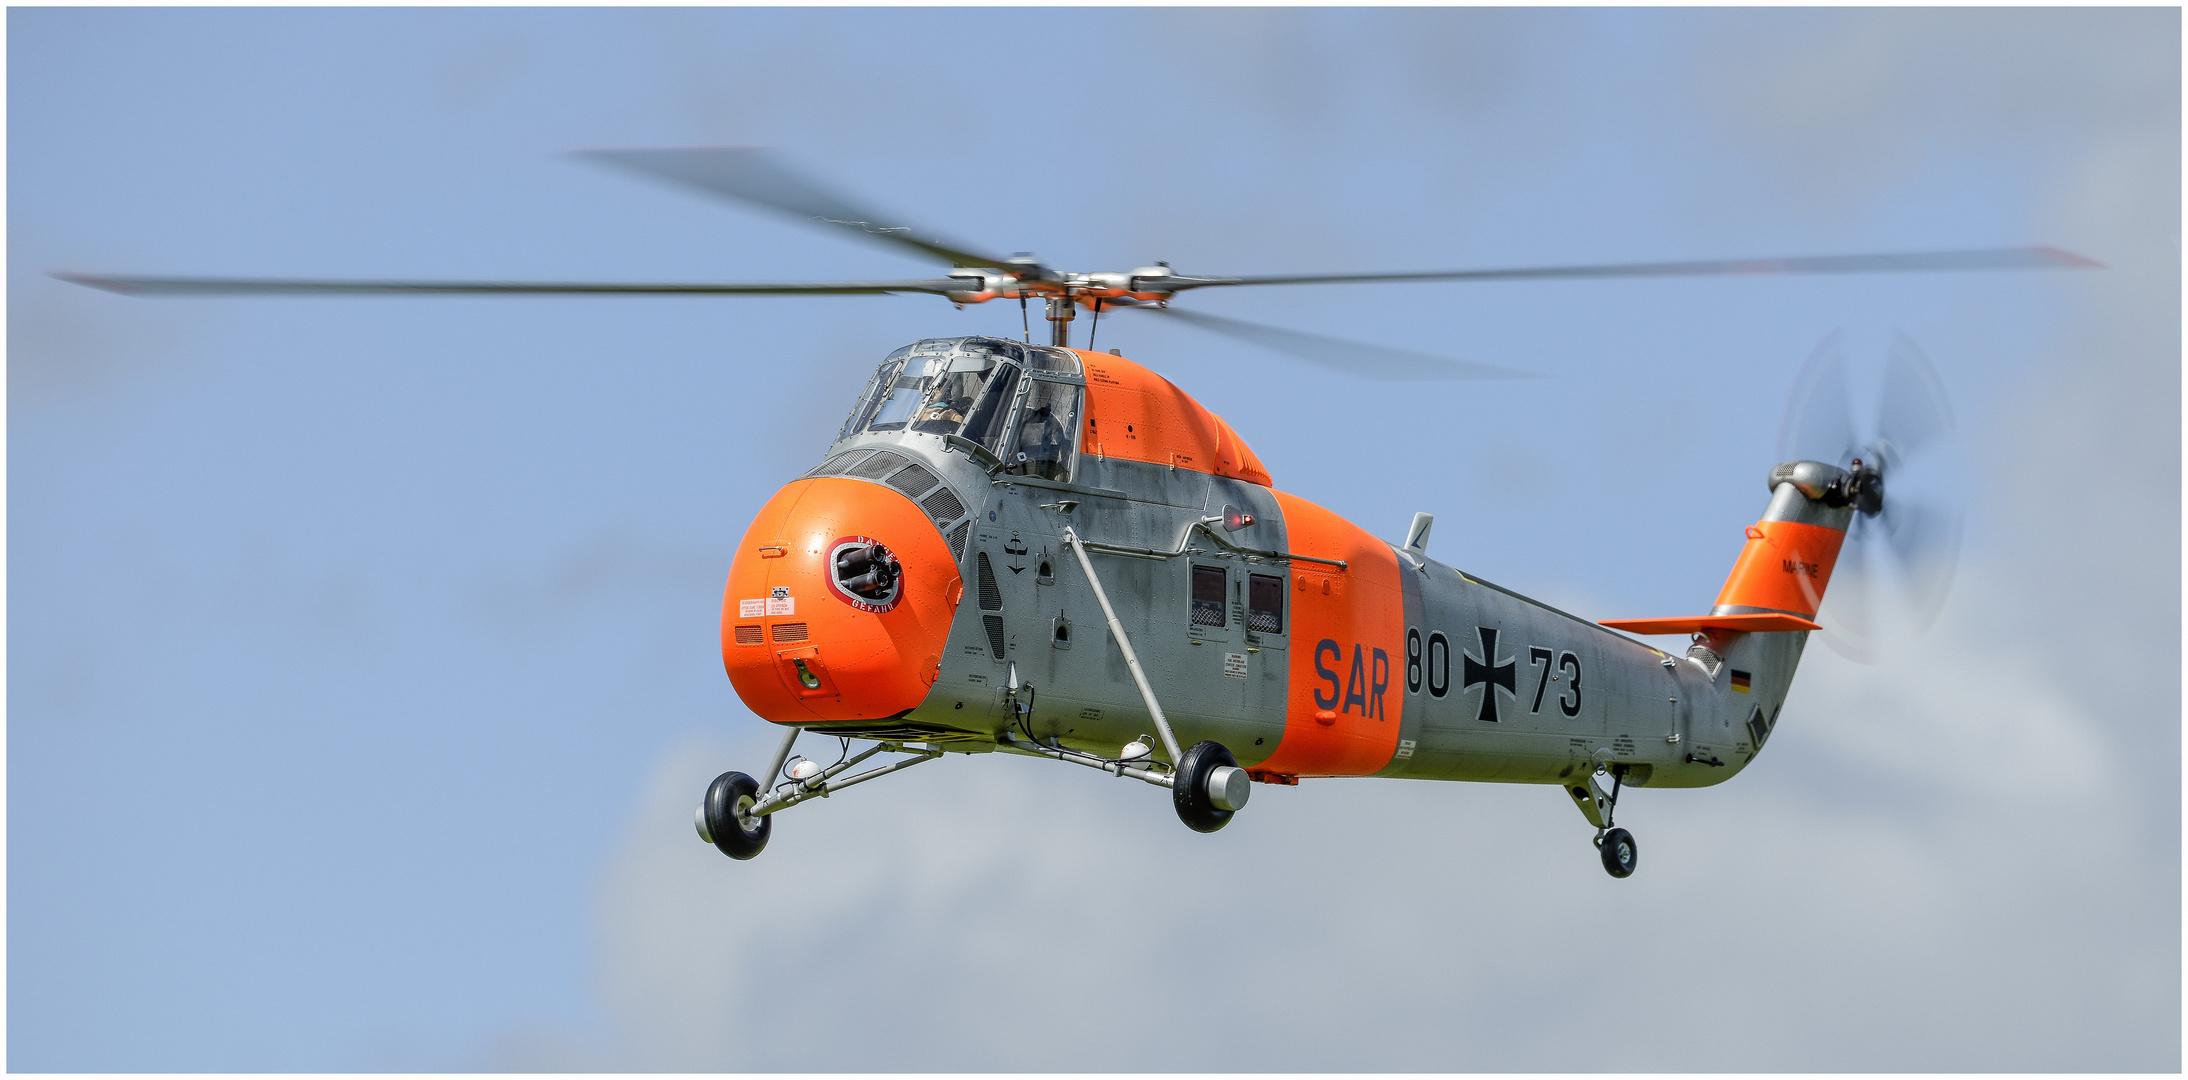 S A R Hubschrauber